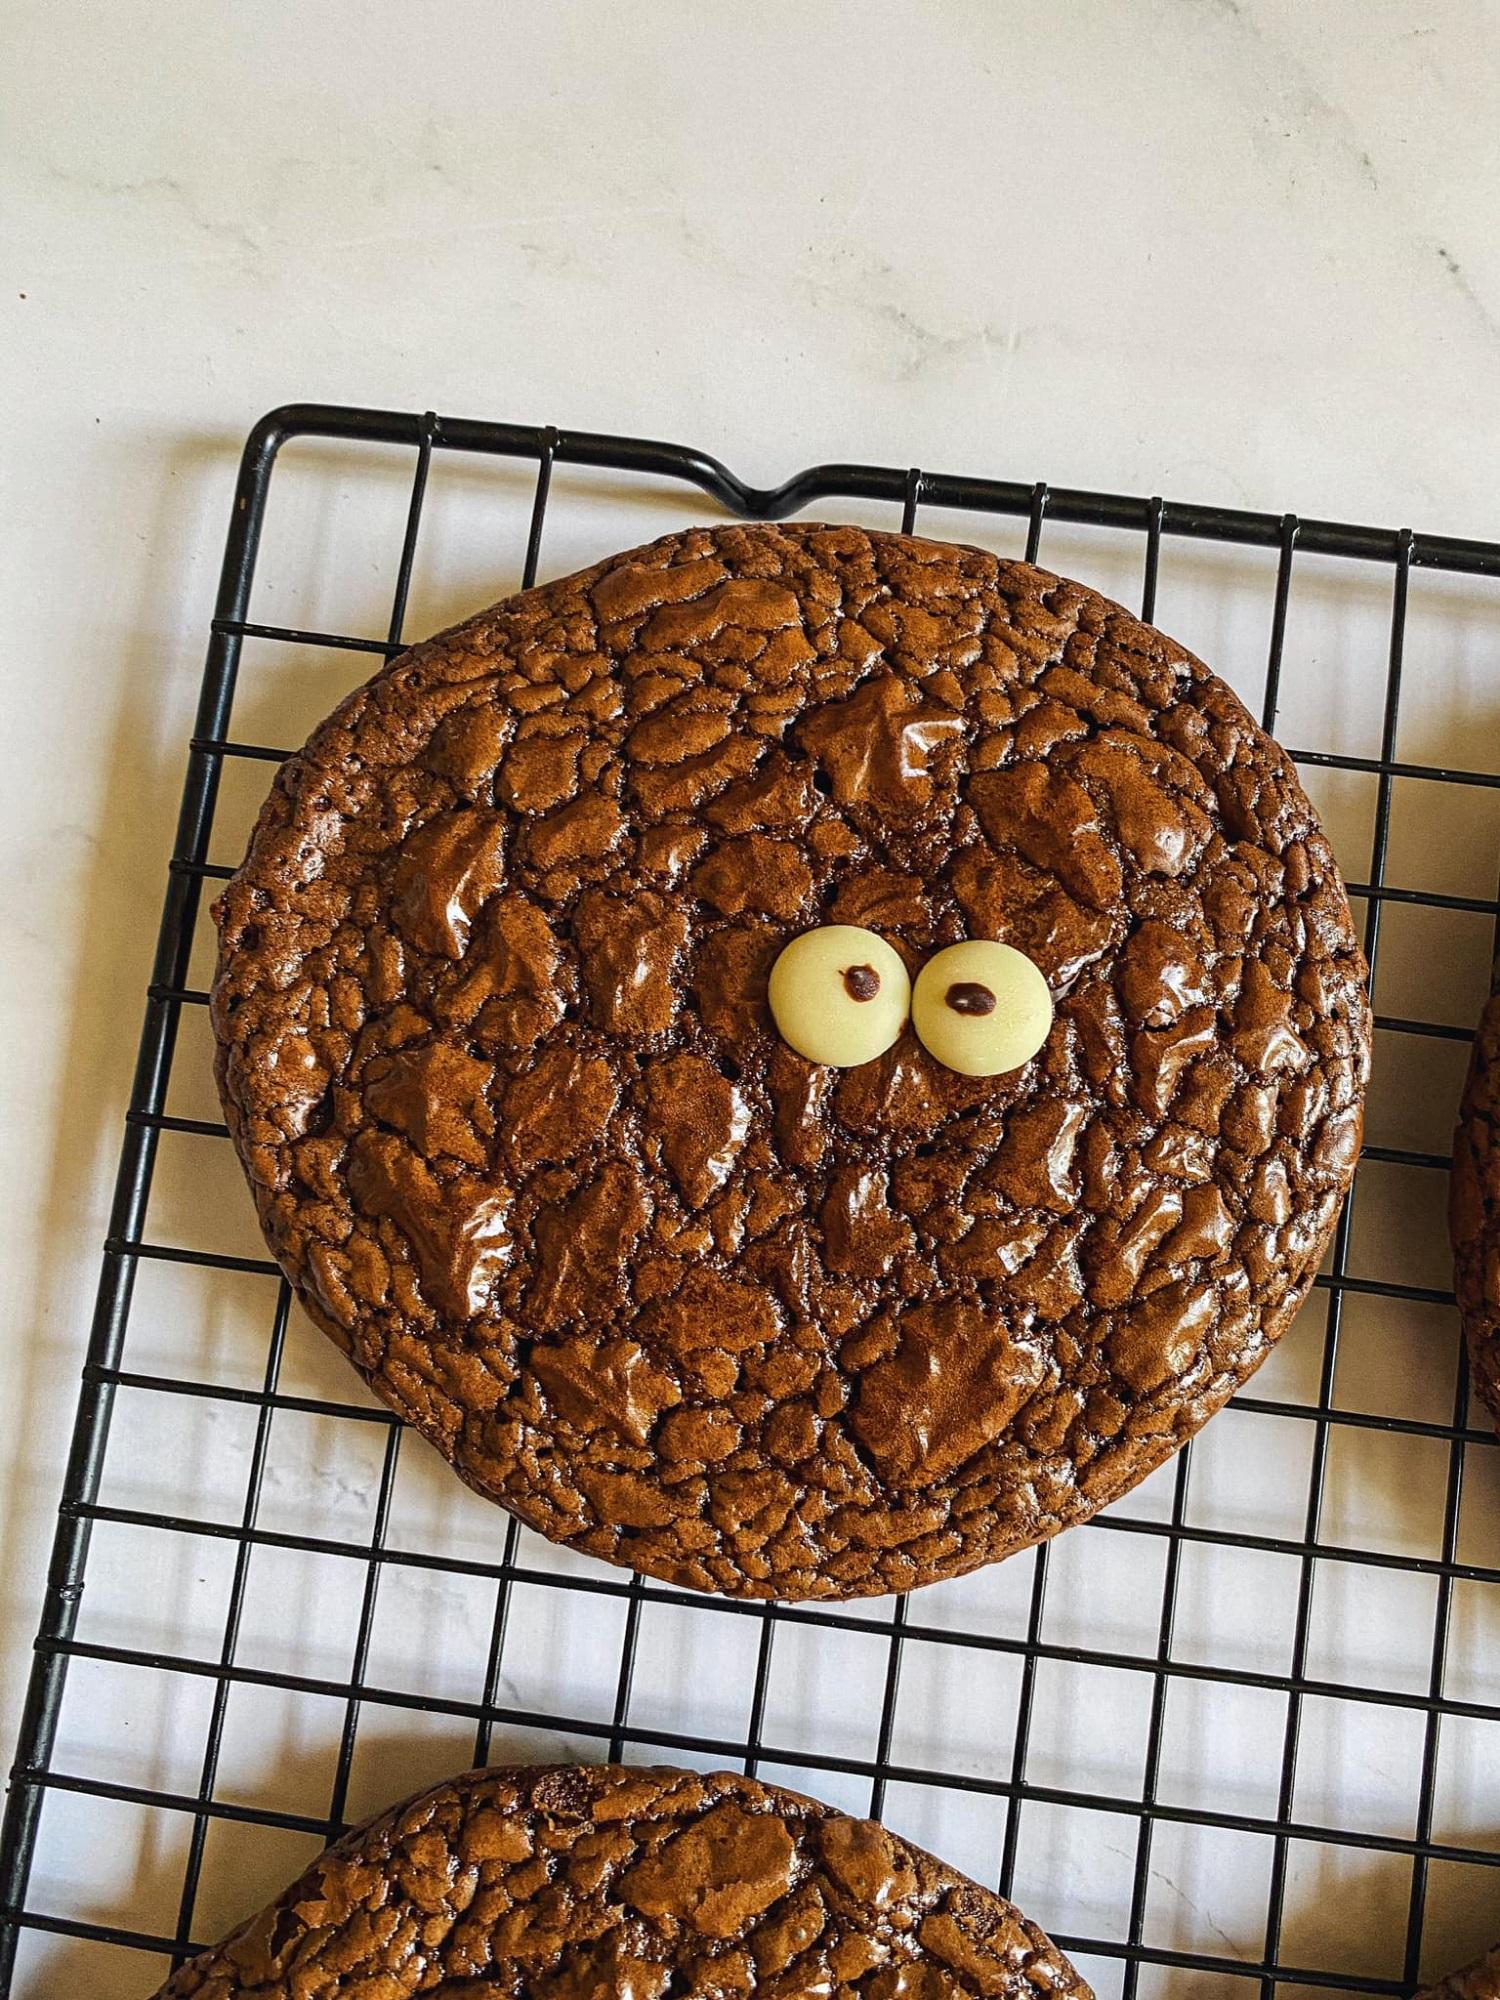 Biến cuộc sống nhàm chán ở nhà trở nên thú vị, 'ngọt lịm' với món bánh quy 'Brownie quái vật', trẻ thì thích chồng thì khen ngon - Ảnh 8